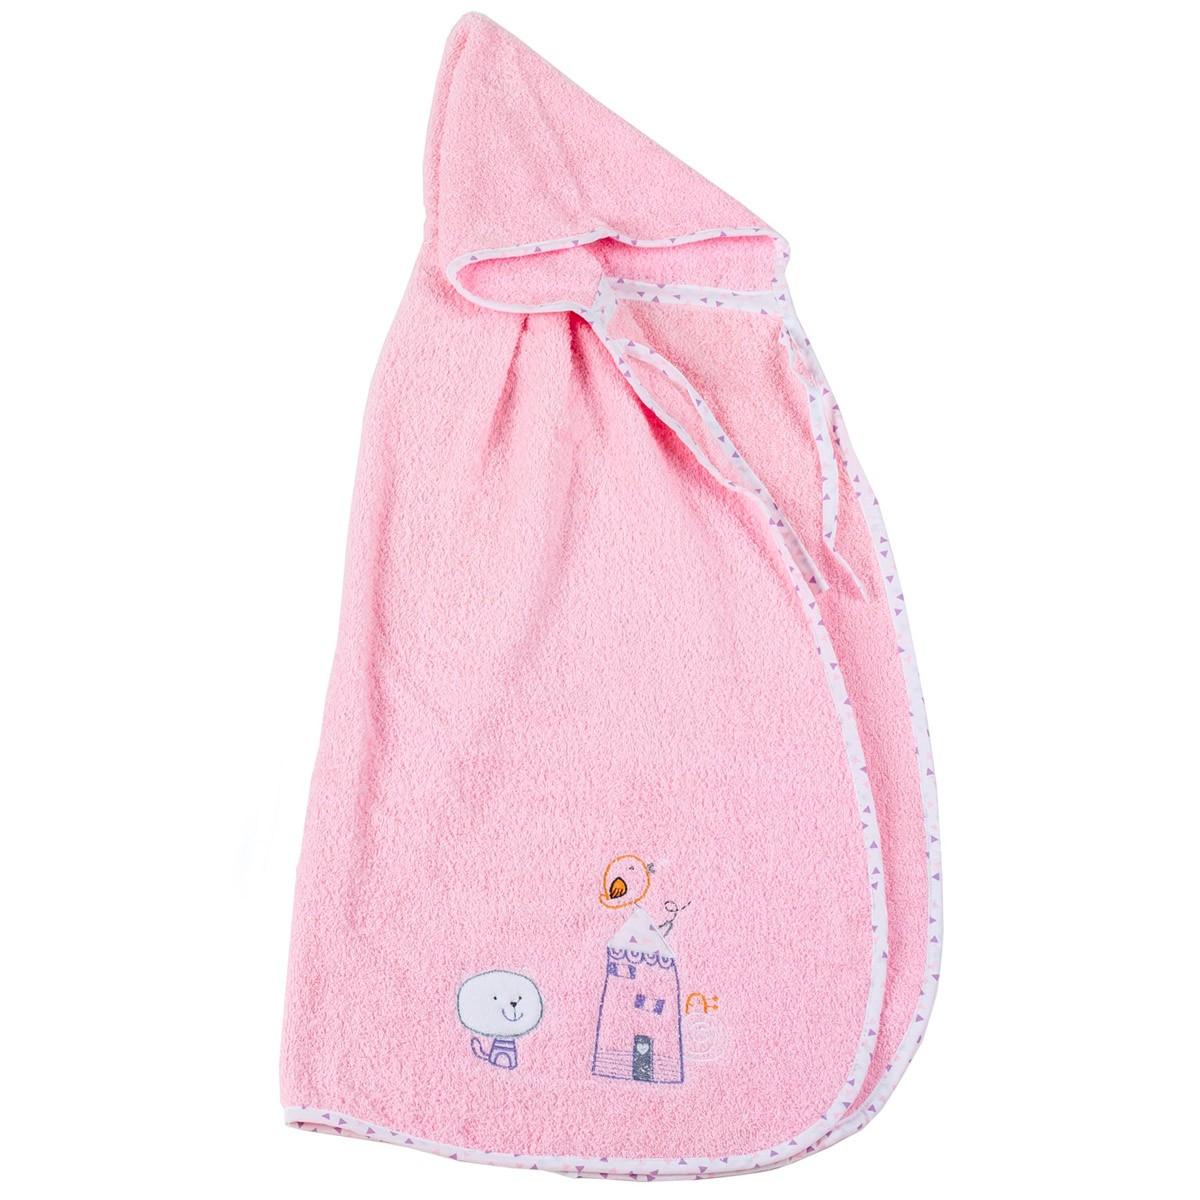 Βρεφική Κάπα Κόσμος Του Μωρού Home 0490 Ροζ